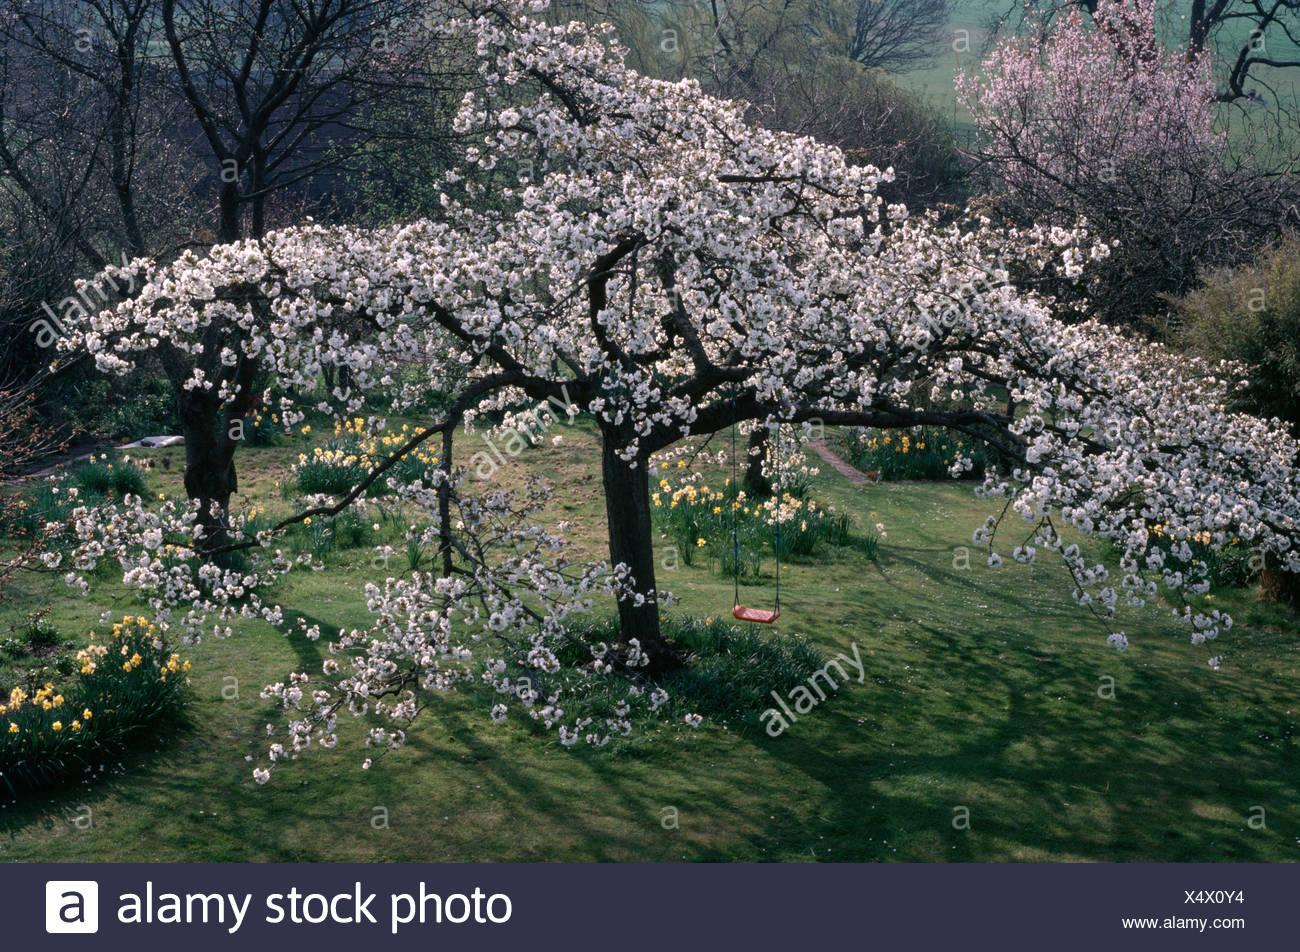 Prunus Hokusai' growing on grass in natural Spring garden - Stock Image